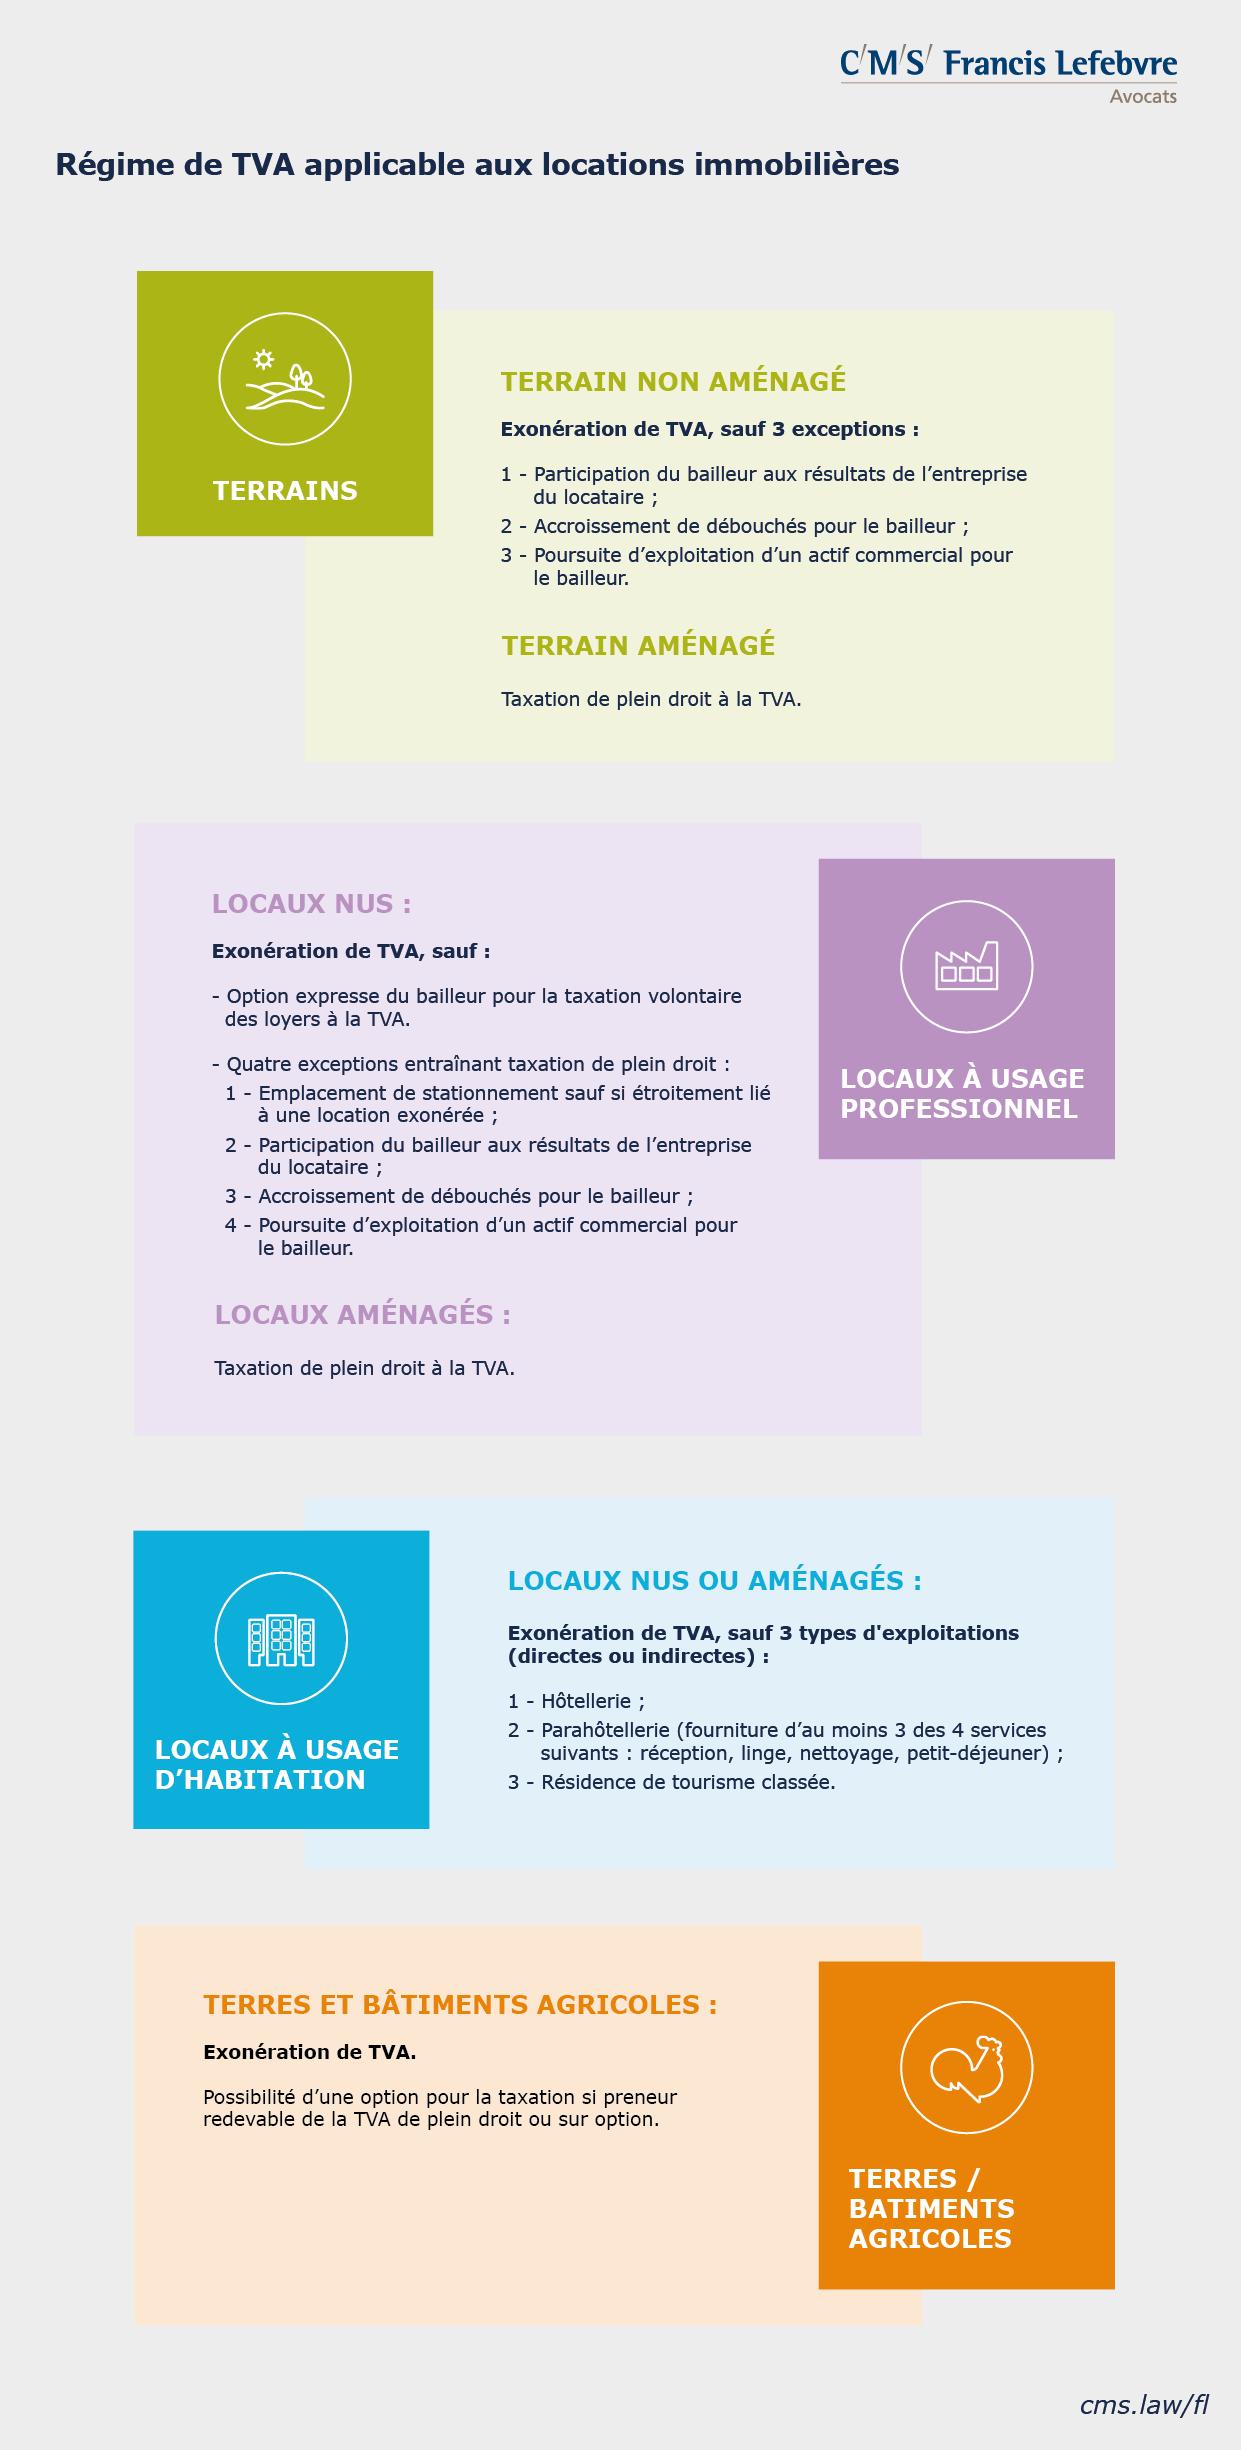 infographie - Synthèse régime TVA location immobilière